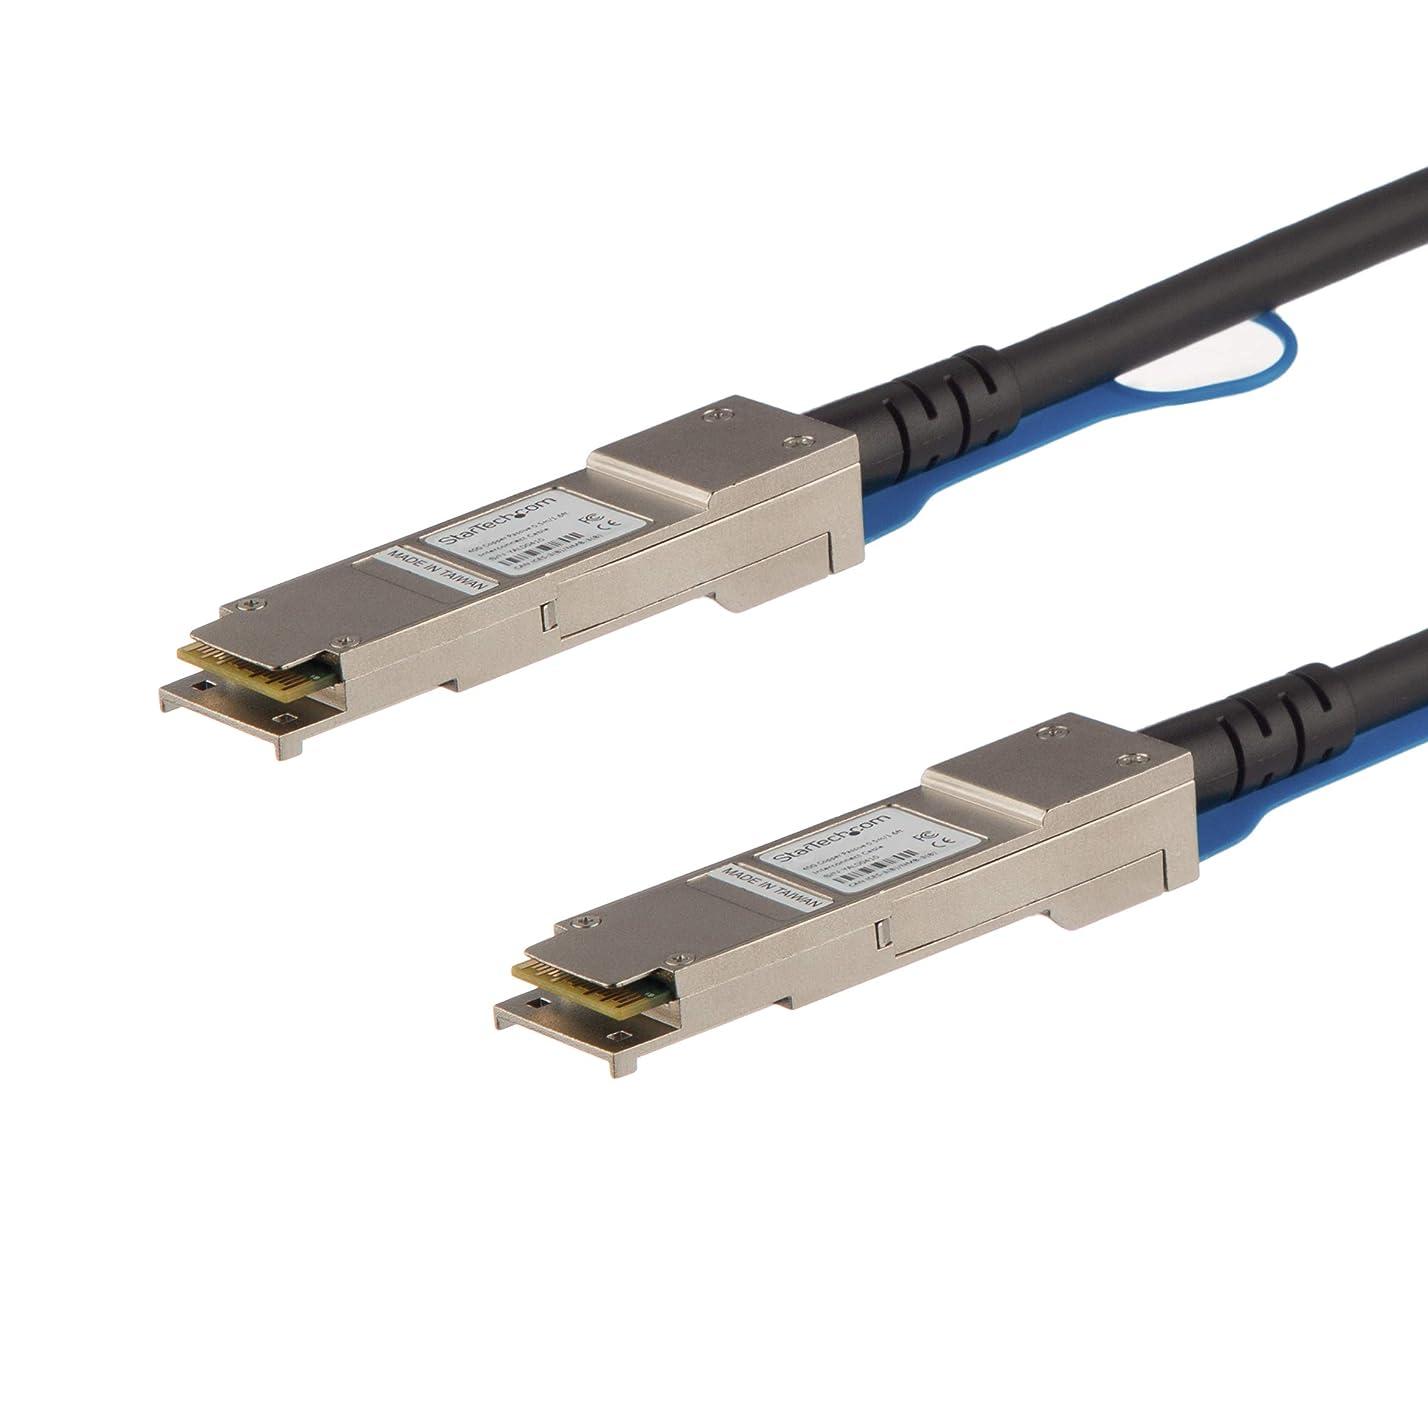 脚本家勉強する雇ったStarTech.com QSFP+ DAC Twnax ケーブル 1m Cisco製QSFP-H40G-CU1M互換 40GbE パッシブダイレクトアタッチケーブル QSFPH40GCU1M